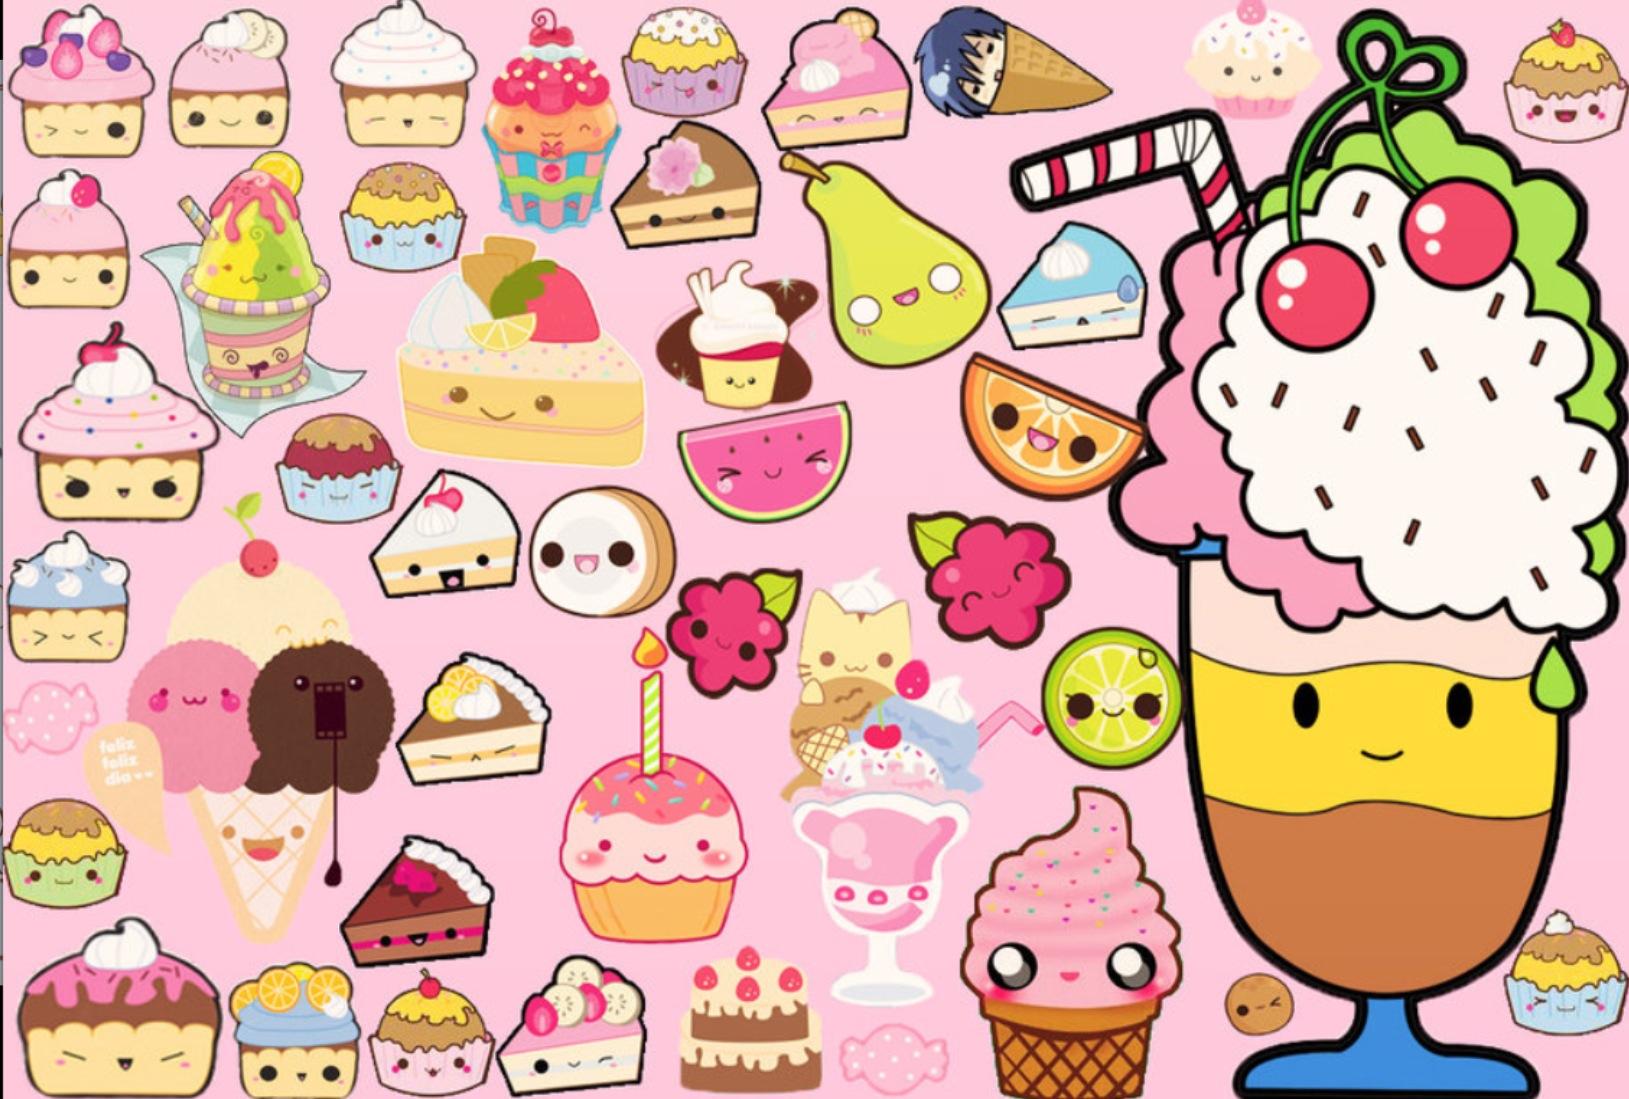 Cute kawaii wallpaper KAWAII CHIBIS ANIME Pinterest 1629x1099